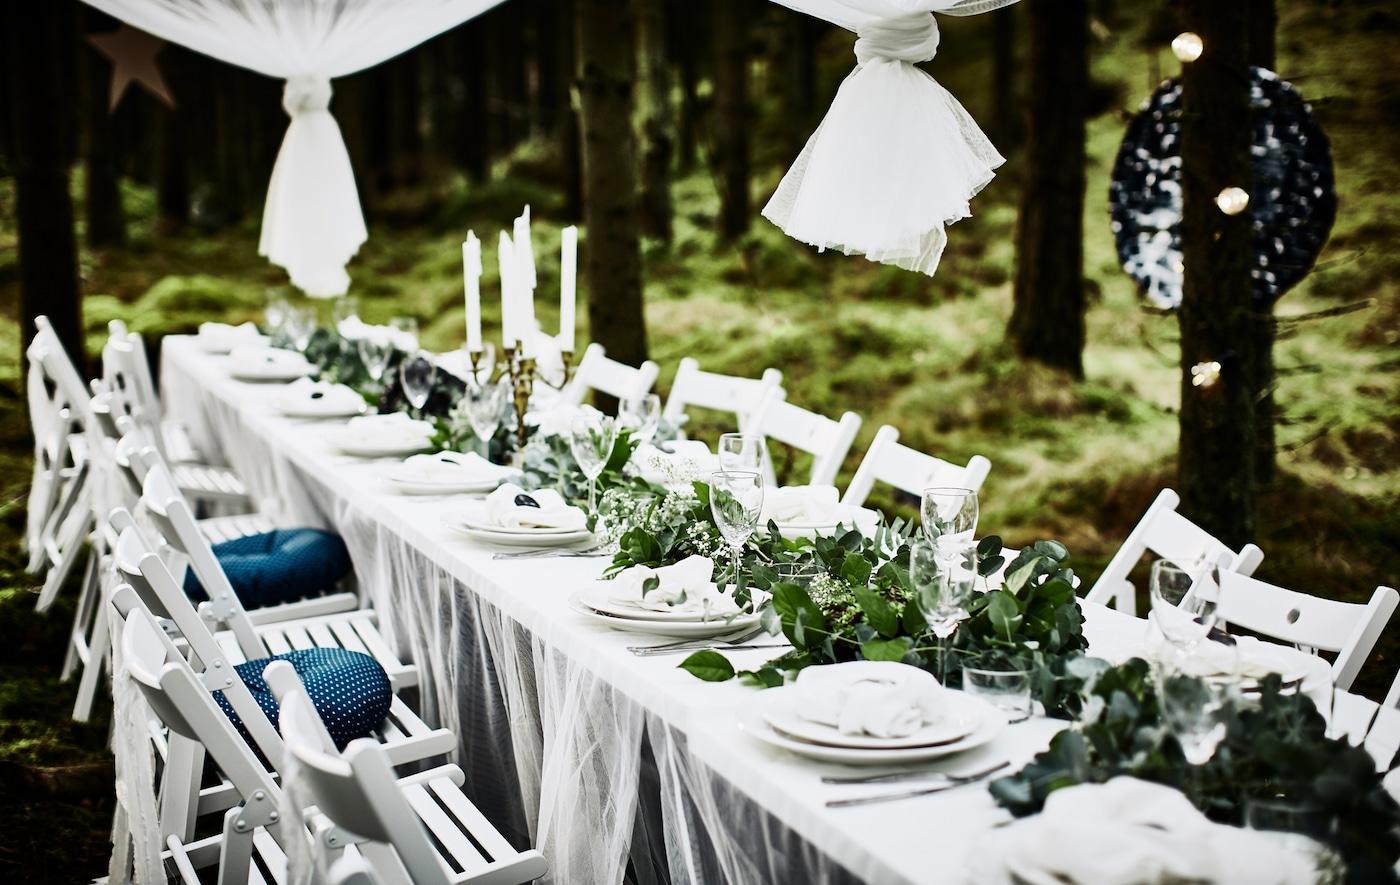 Table de noces en forêt, avec plateau de table blanc, rideaux fins comme nappe, chaises pliantes blanches, vaisselle blanche et chemin de table central réalisé avec de la verdure